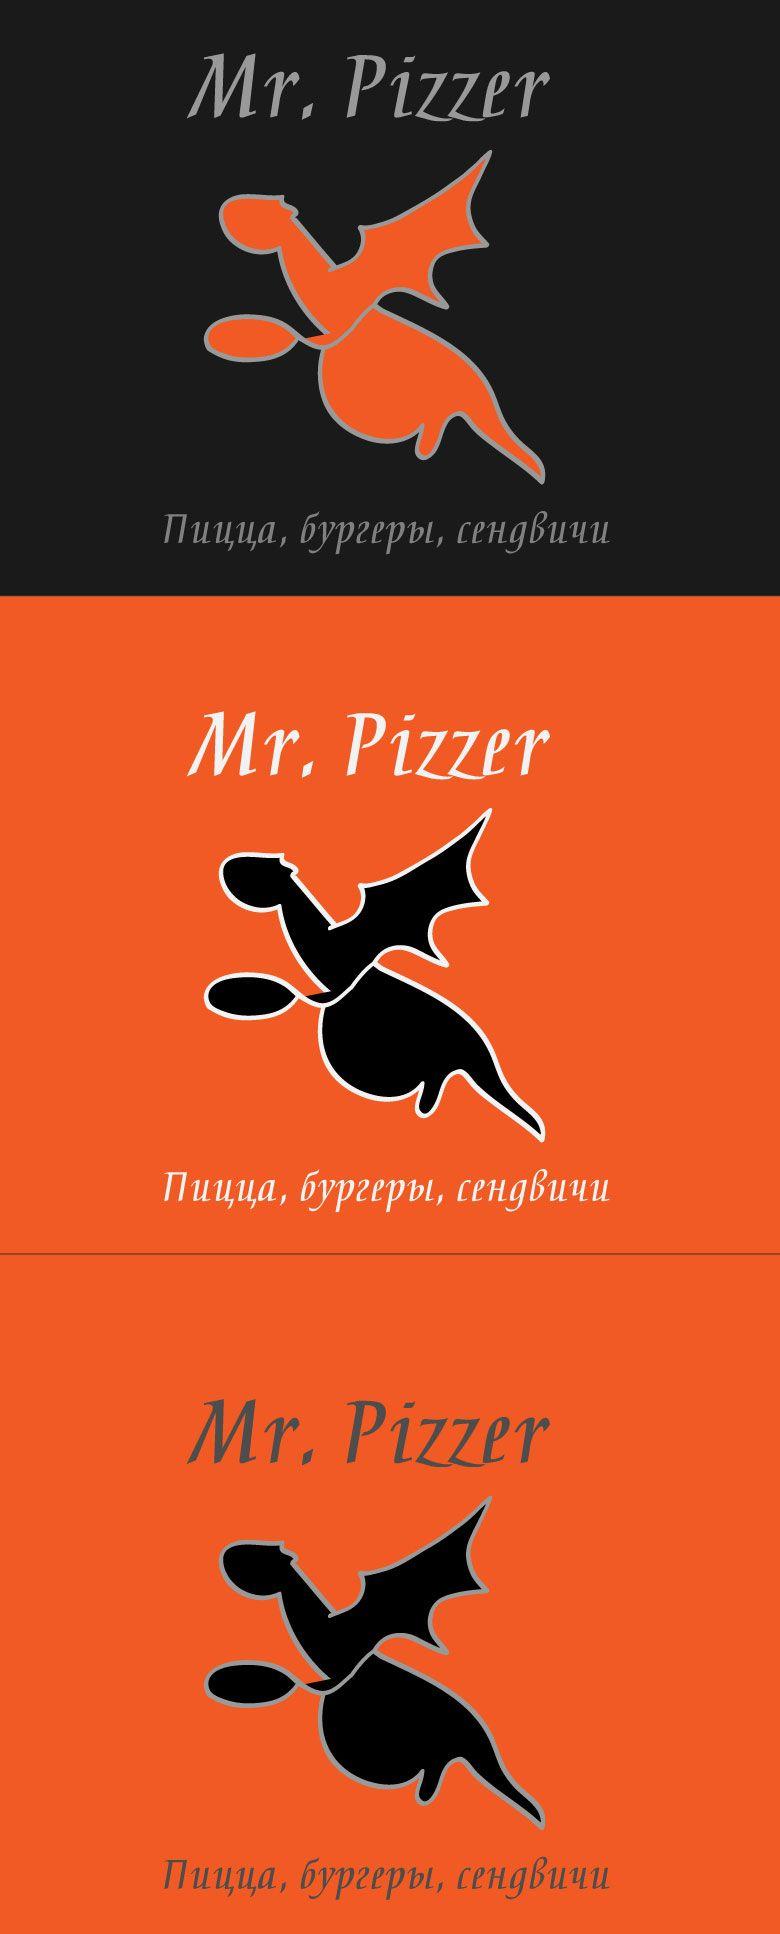 Доставка, кафе пиццы, сендвичей, бургеров. - дизайнер Serious_sight